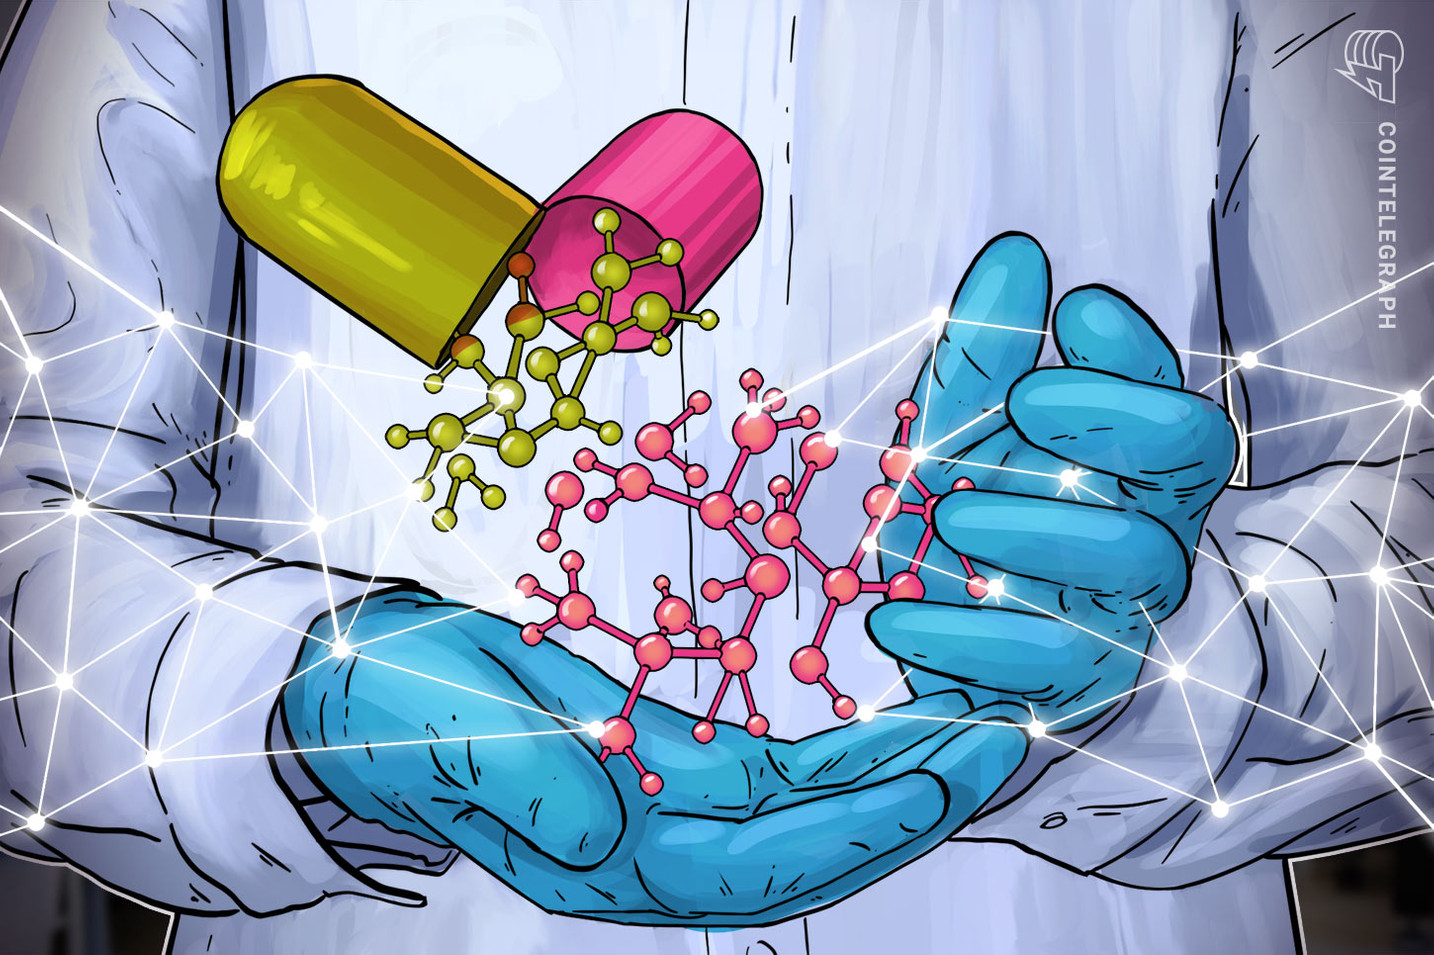 """استخدام بلوكتشين لتتبع مادة كيميائية قاتلة مرتبطة بدعوى قضائية بقيمة ٢٨٩ مليون دولار ضد شركة """"مونسانتو"""""""